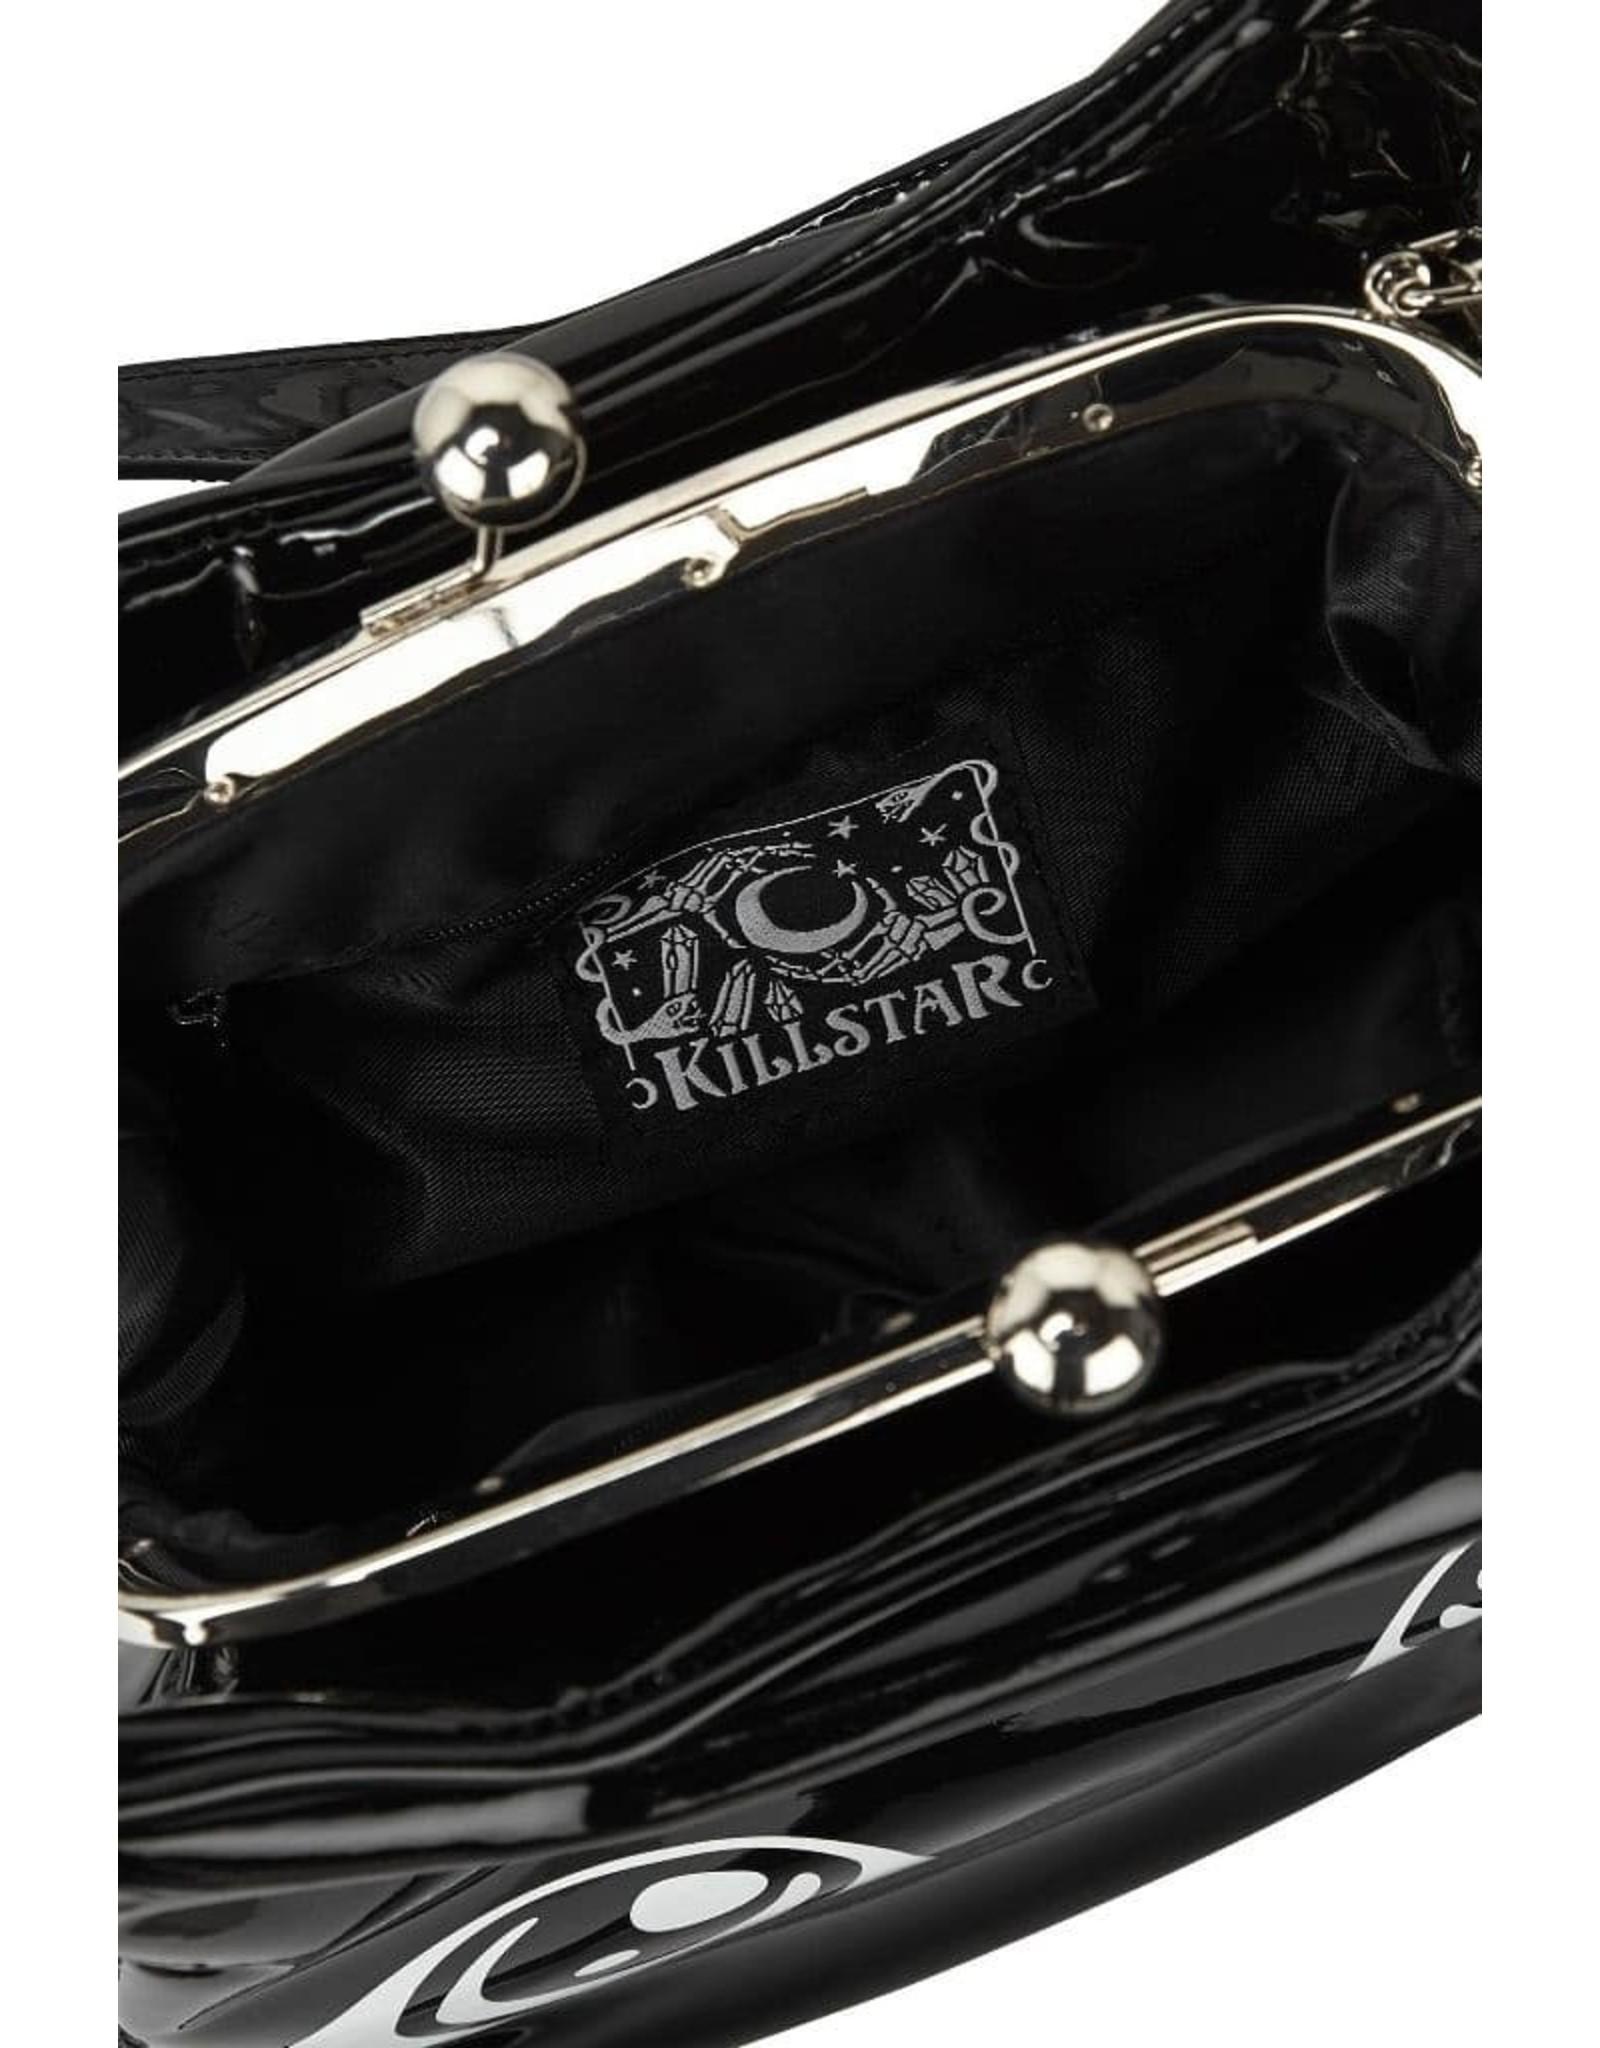 Killstar Gothic bags Steampunk bags - Killstar Meowgical handbag Cat's head lacquer